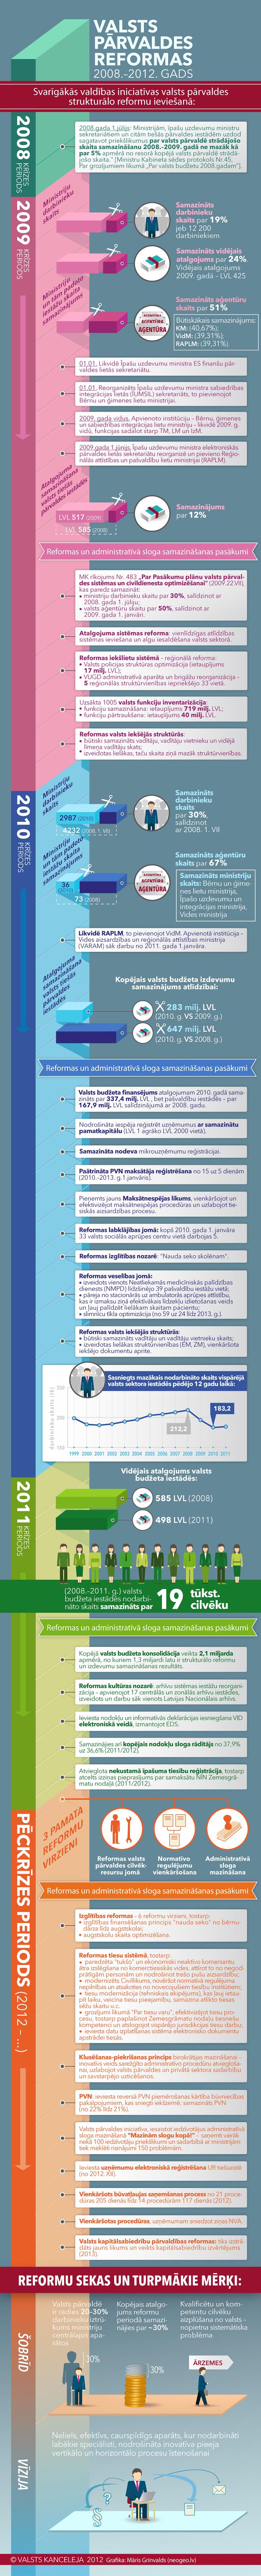 Infografika: Valsts pārvaldes reformas (2008.-2012. gads)